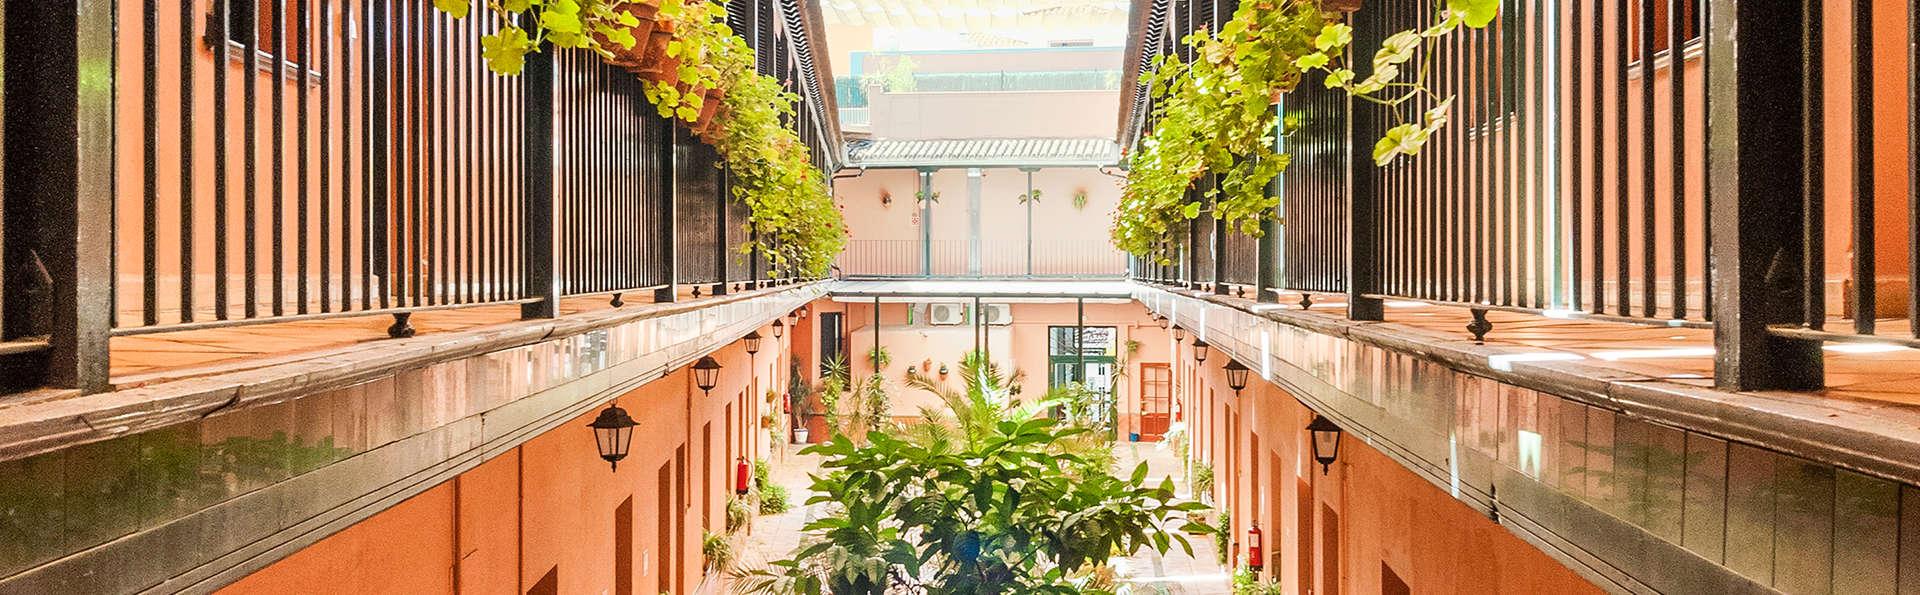 Corral de los Chícharos - EDIT_Patio-interior.jpg